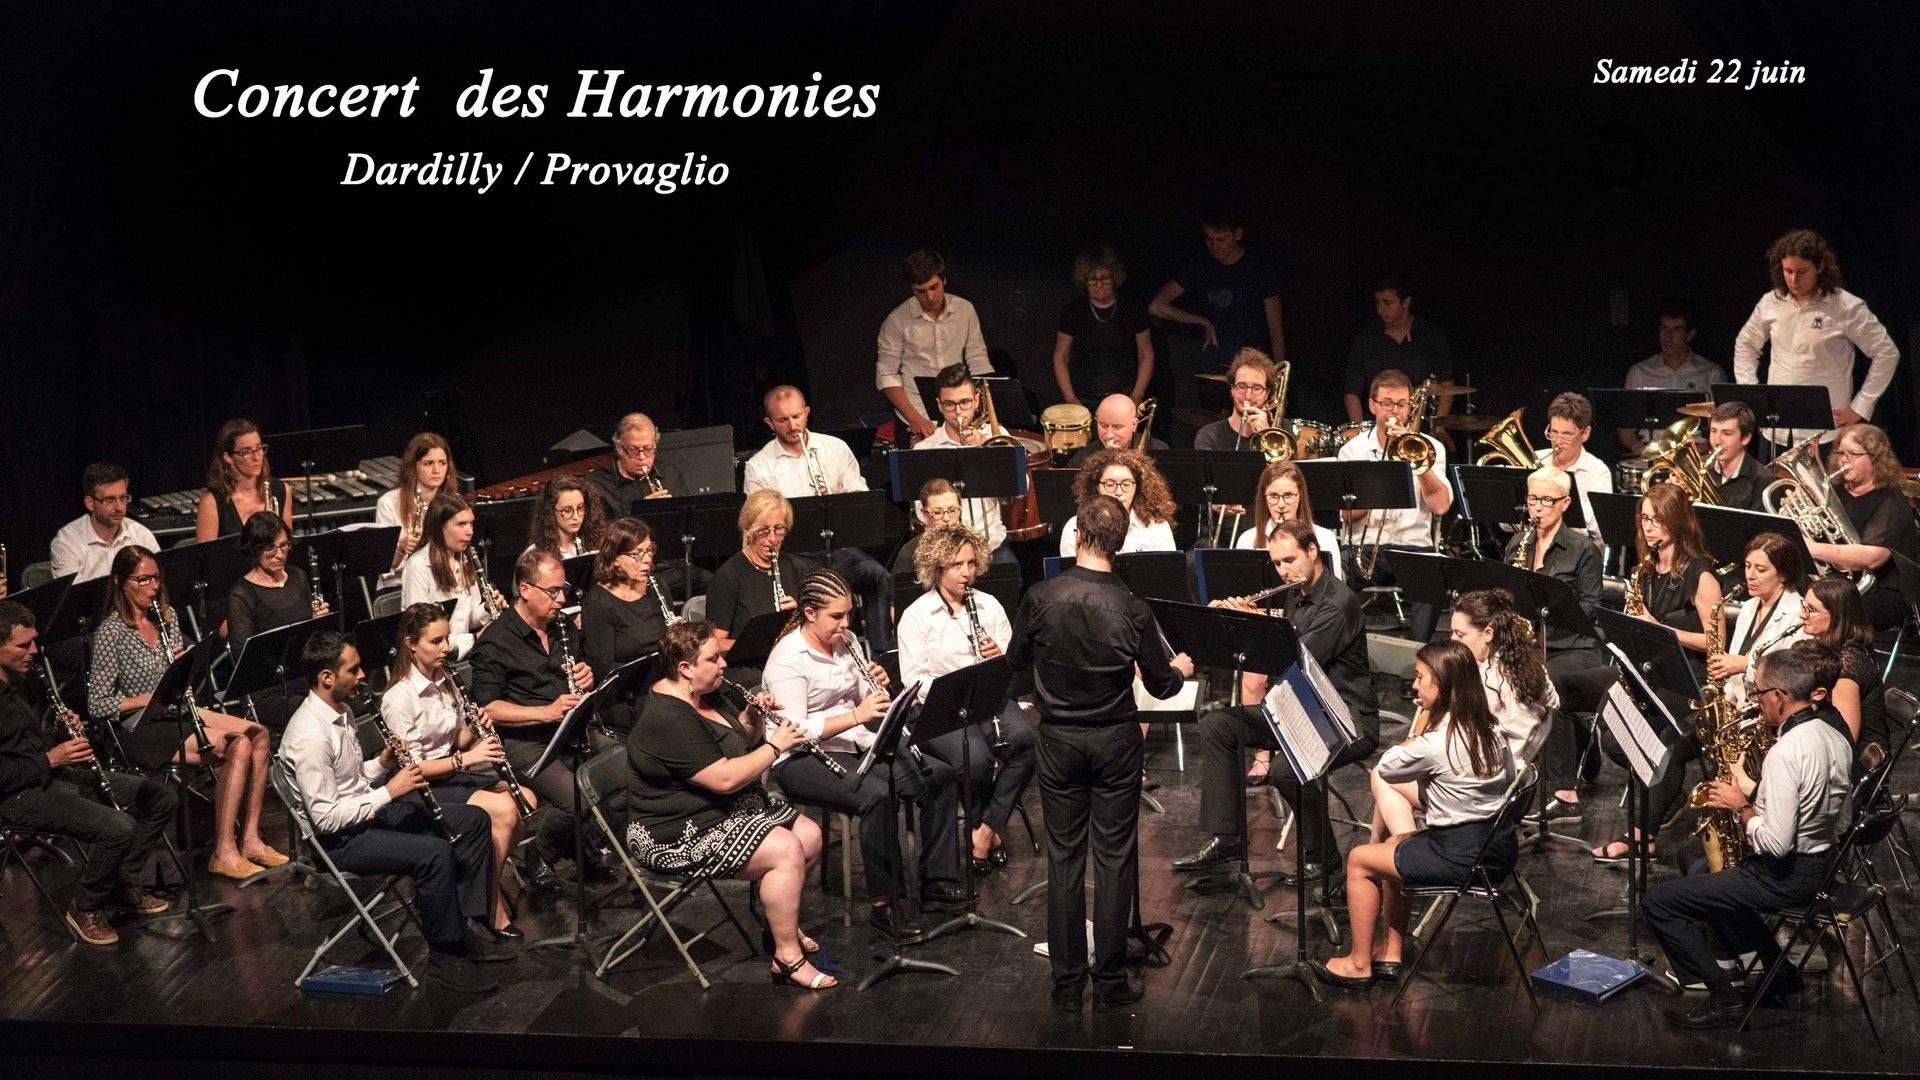 11_Concert Dardi-Prova_00_rcd_(17)